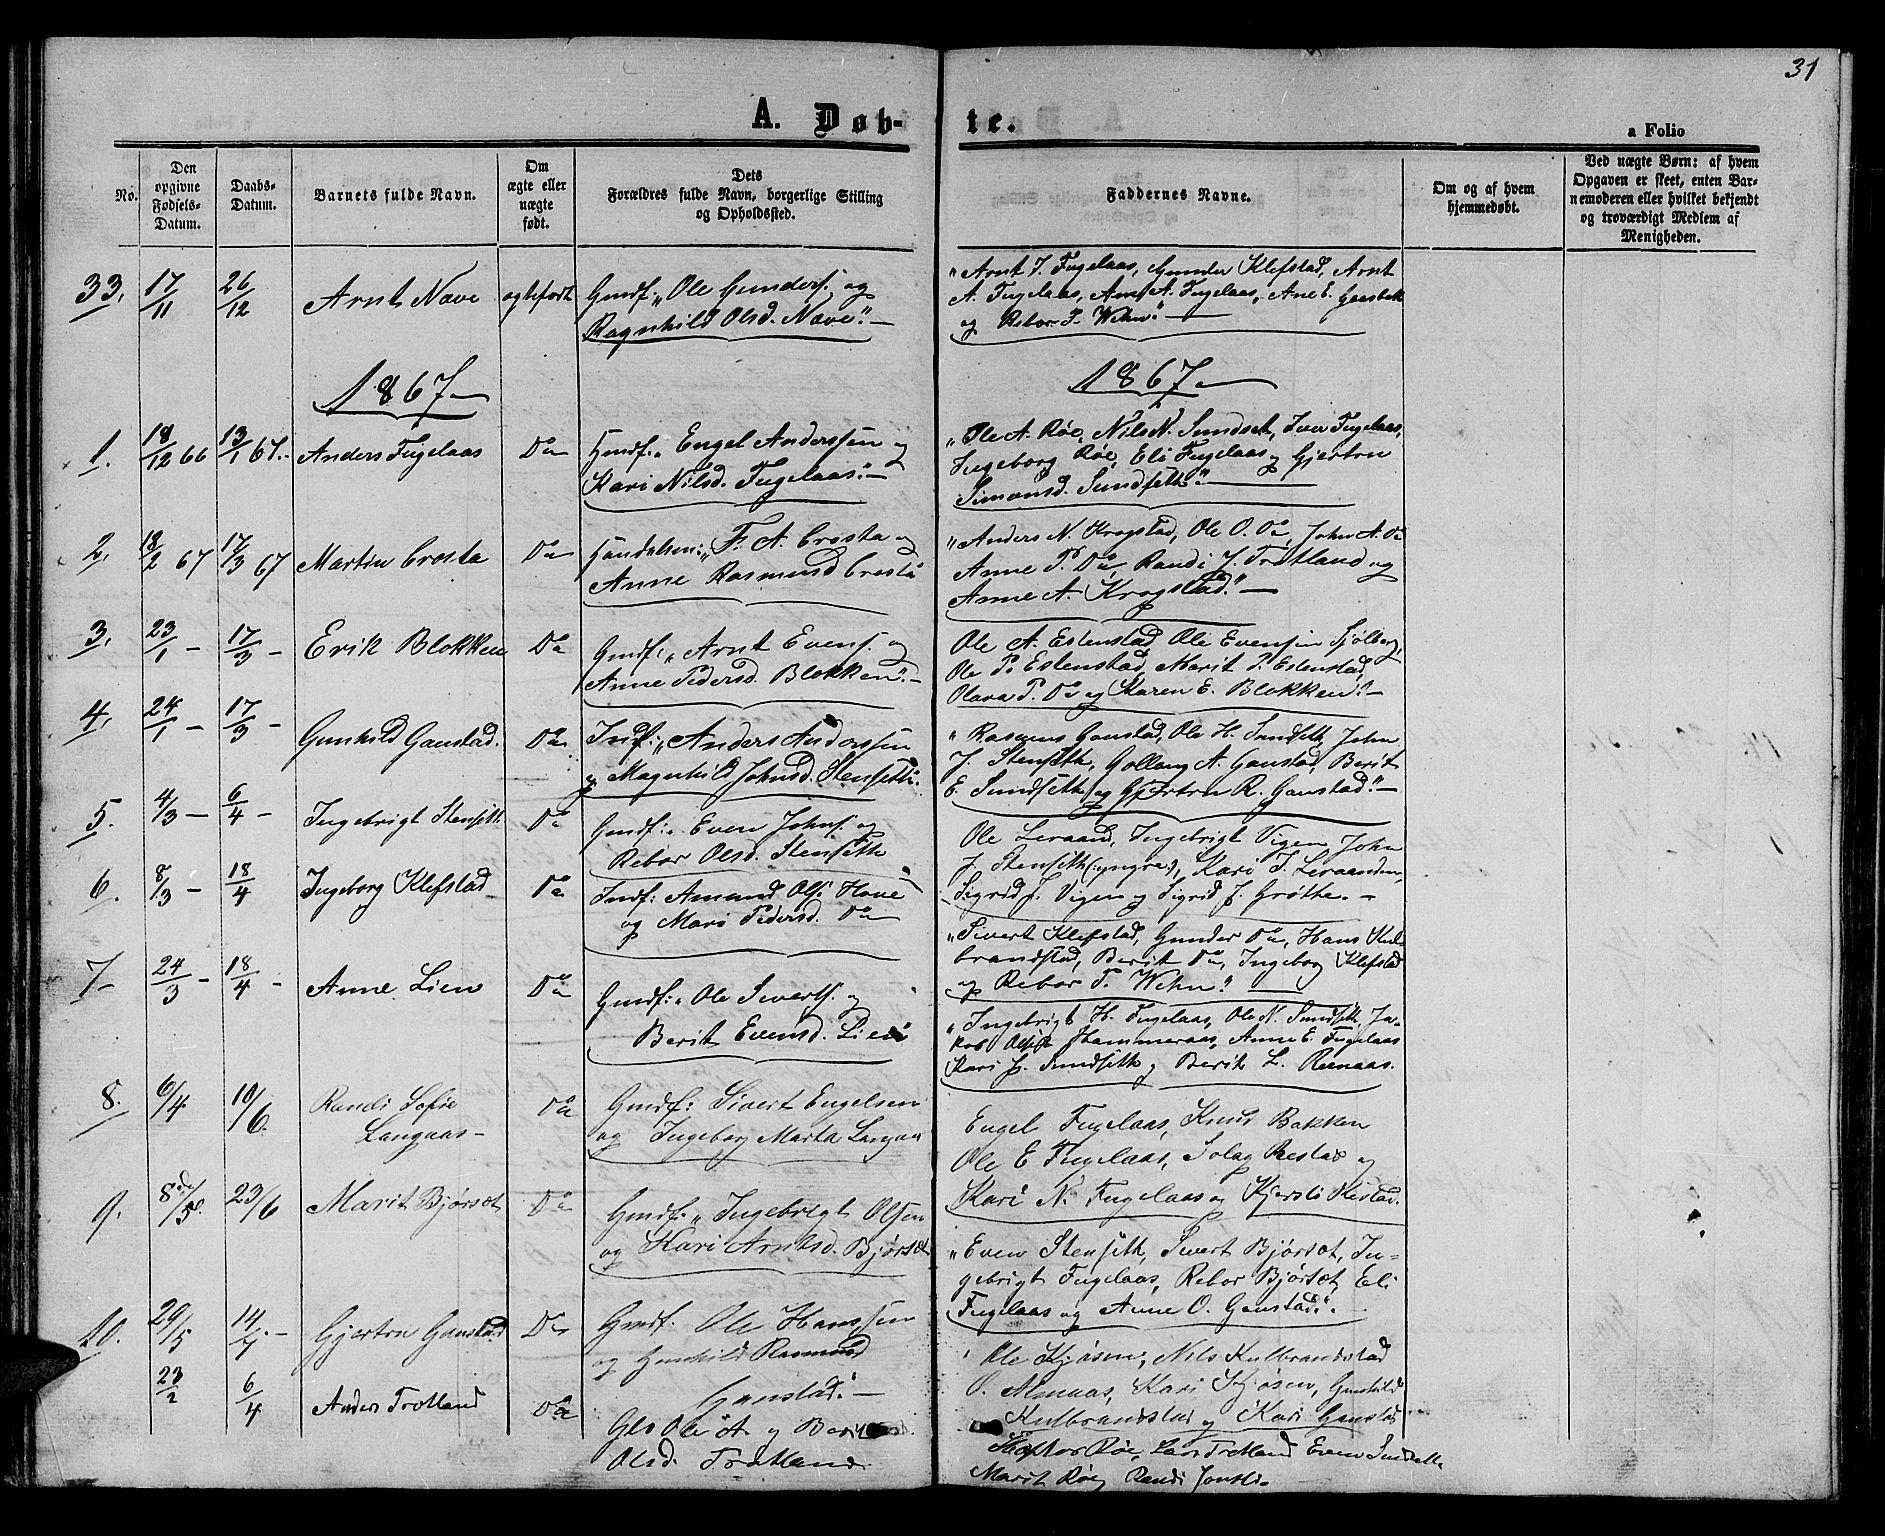 SAT, Ministerialprotokoller, klokkerbøker og fødselsregistre - Sør-Trøndelag, 694/L1131: Klokkerbok nr. 694C03, 1858-1886, s. 31